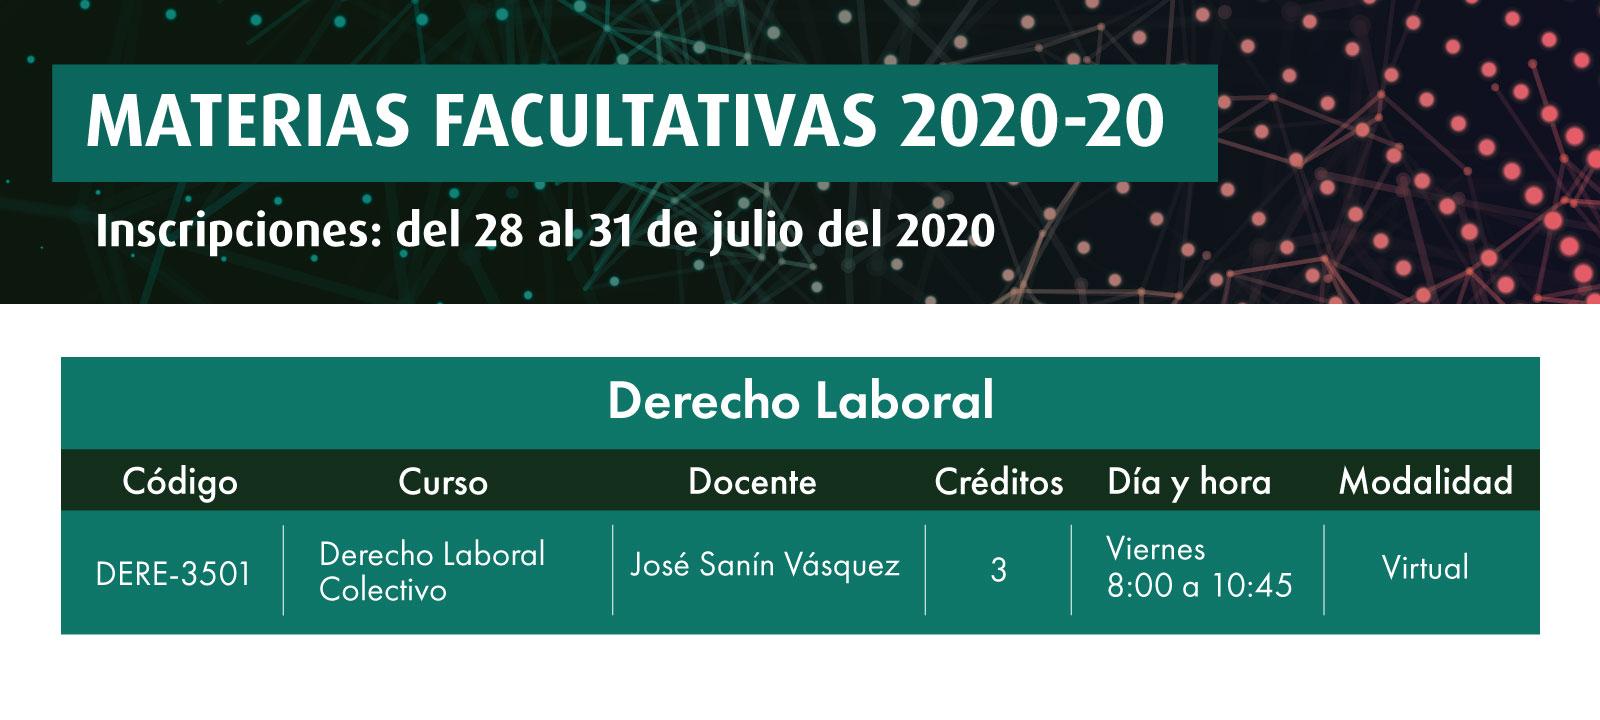 Facultativa 2020-20: Derecho Laboral Colectivo